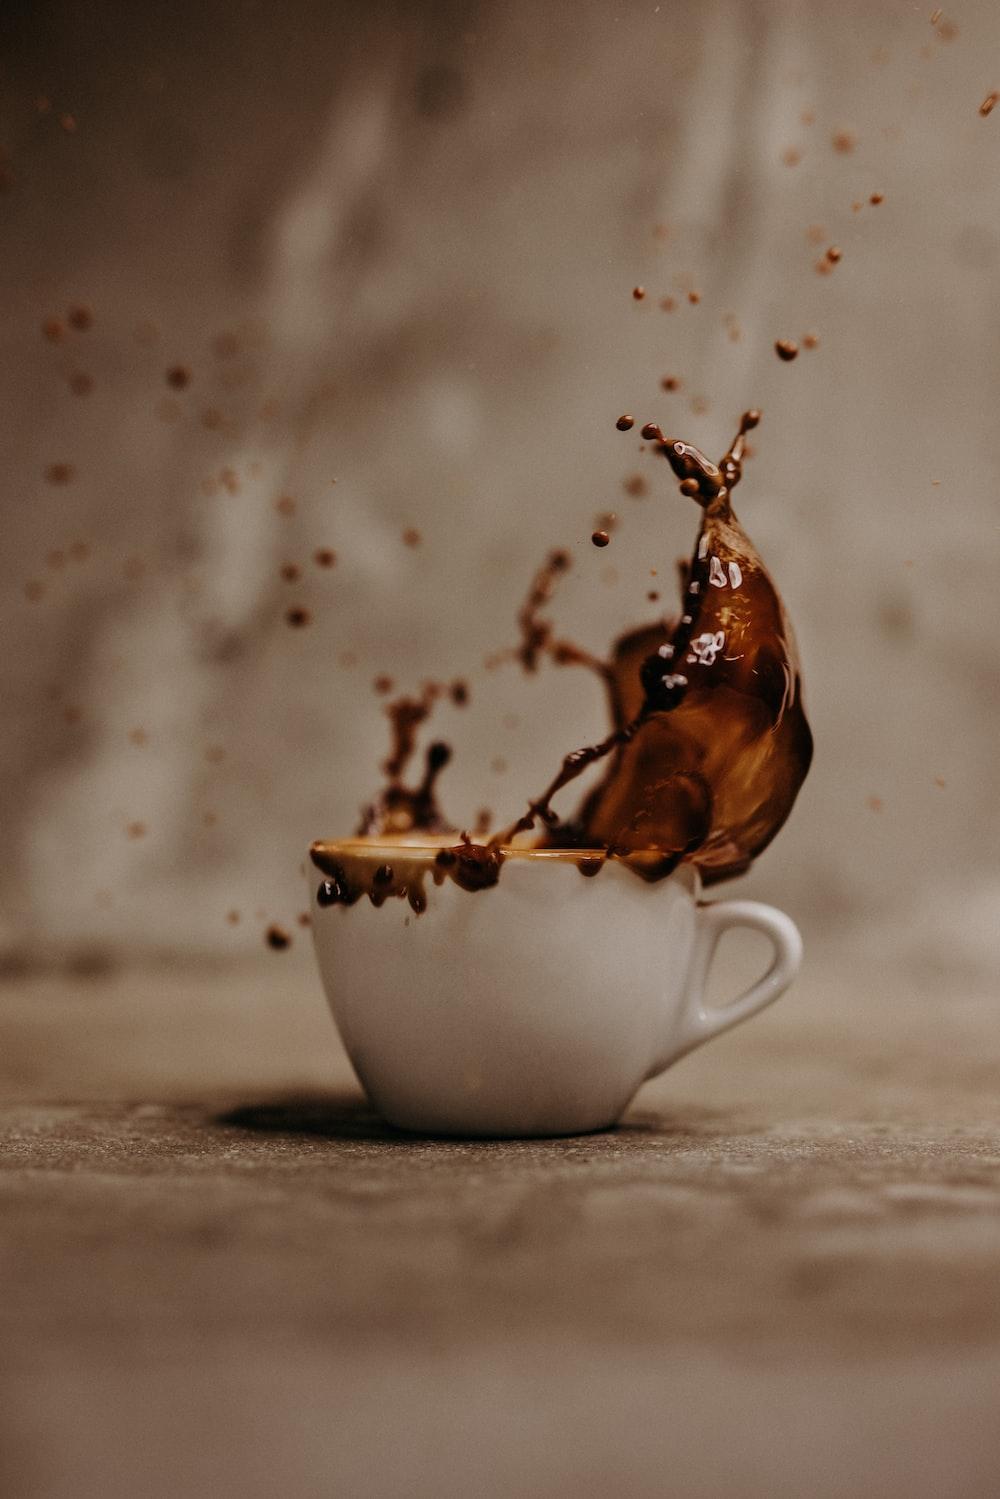 brown liquid in white ceramic teacup